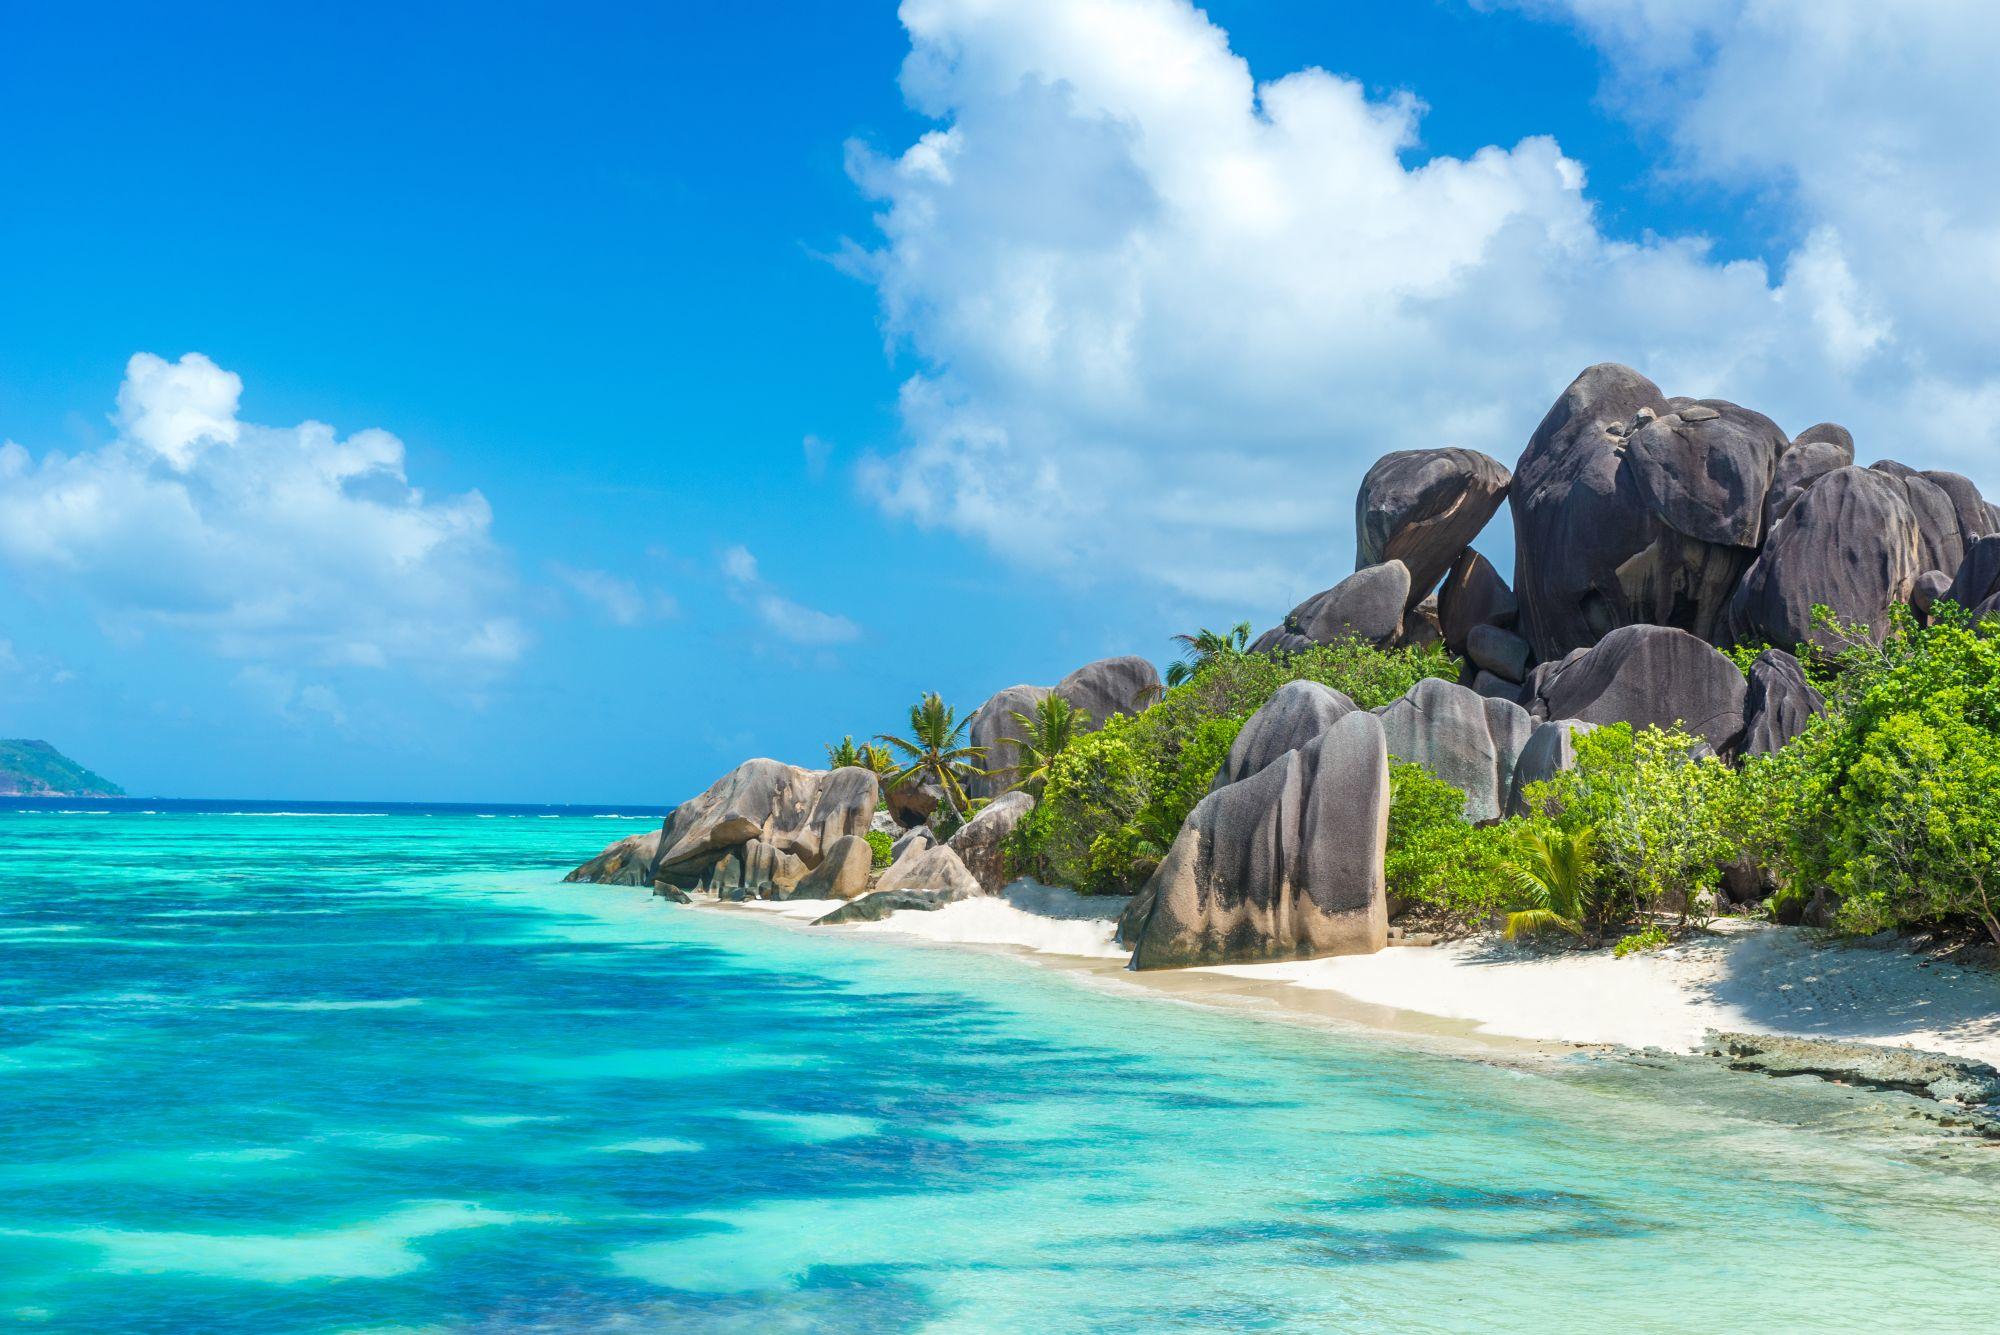 Seszele widok plaży